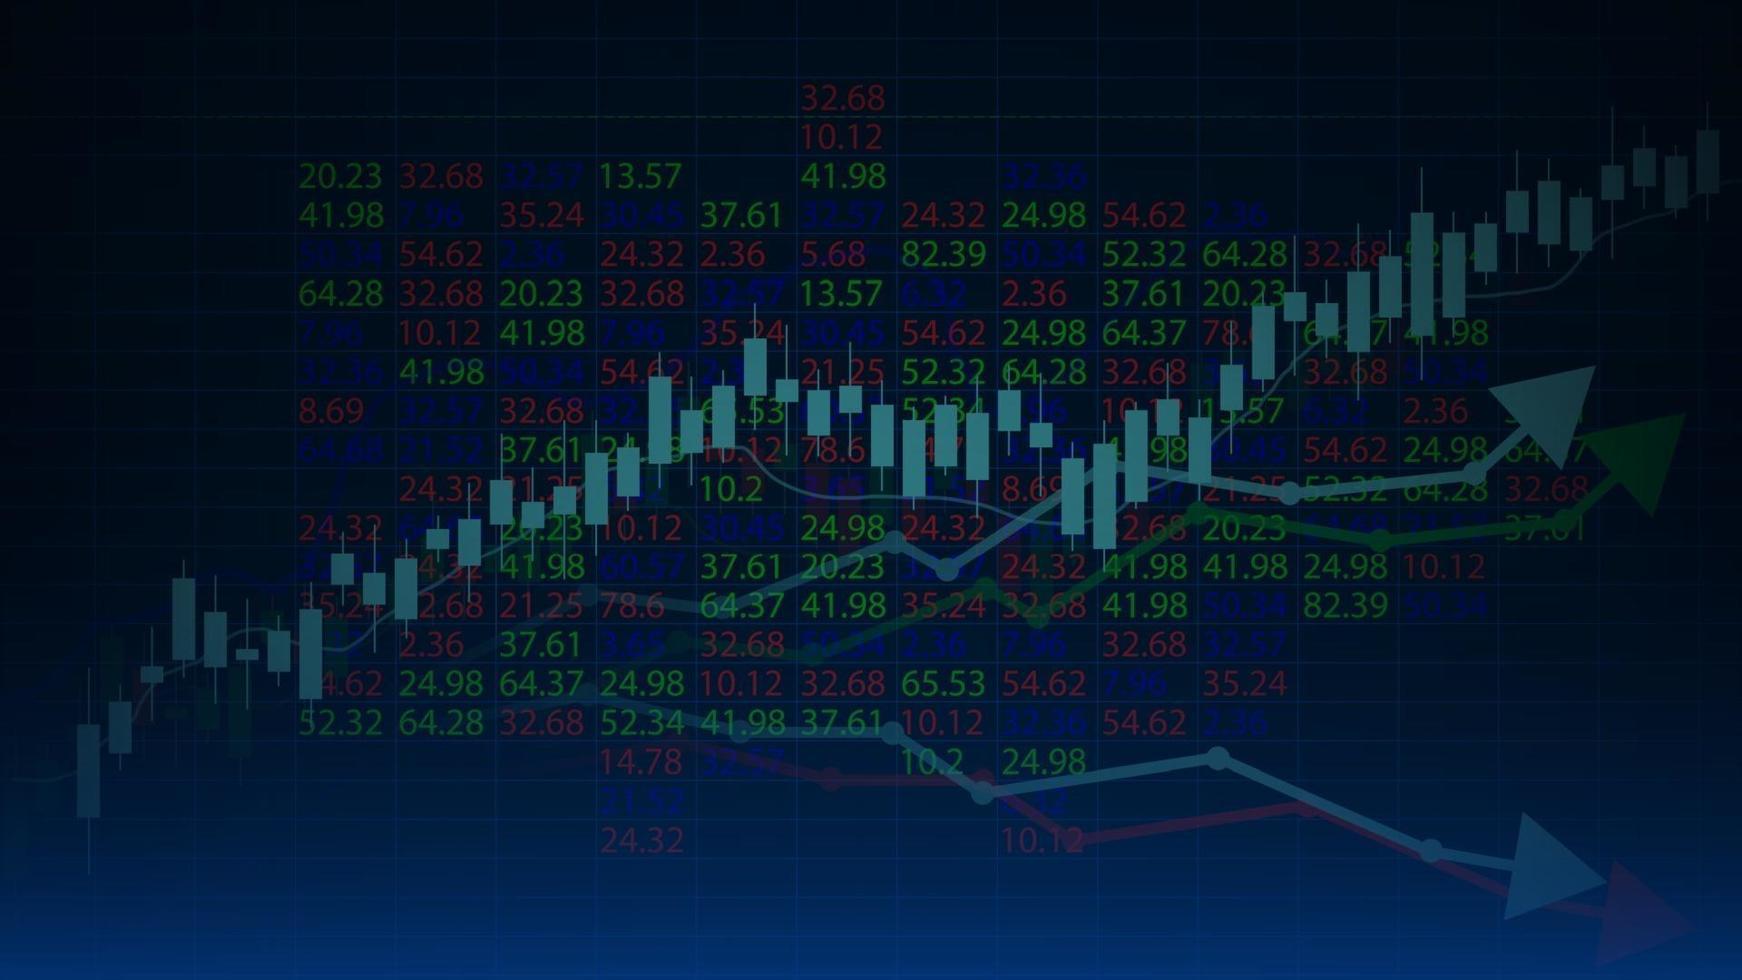 beurs grafiek handel grafiek voor zakelijke en financiële concepten, vector illustratie